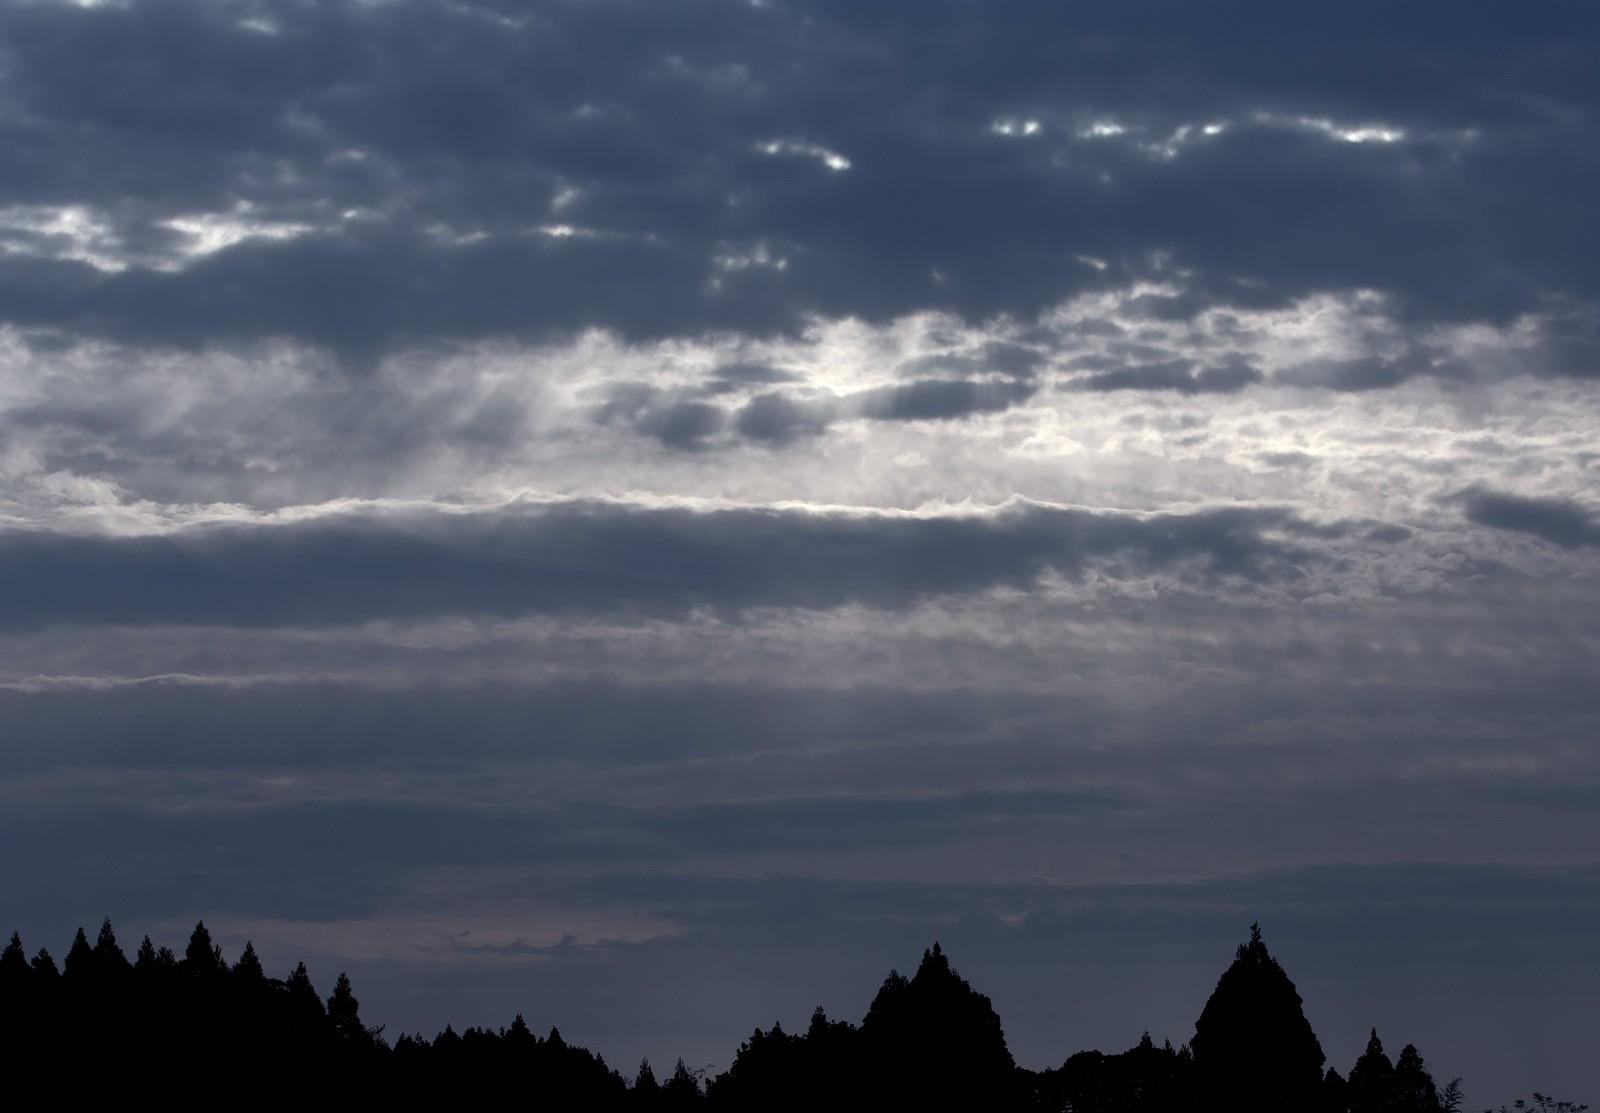 「暗い森と空の間に」の写真